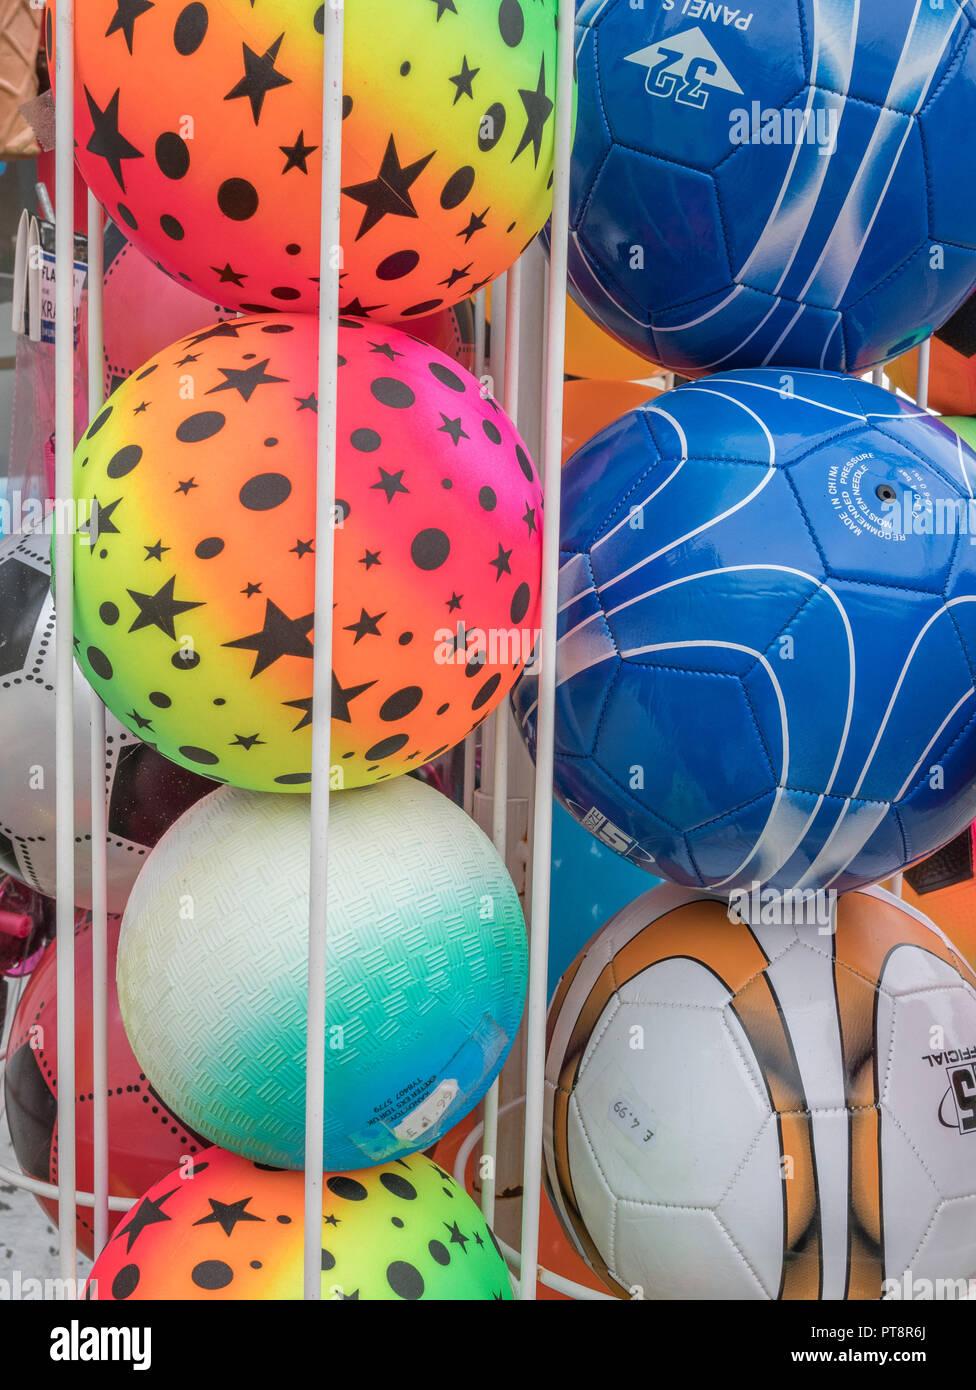 Pelotas de playa a la venta en una tienda de souvenir y Newquay seaside. 947a938a410ac